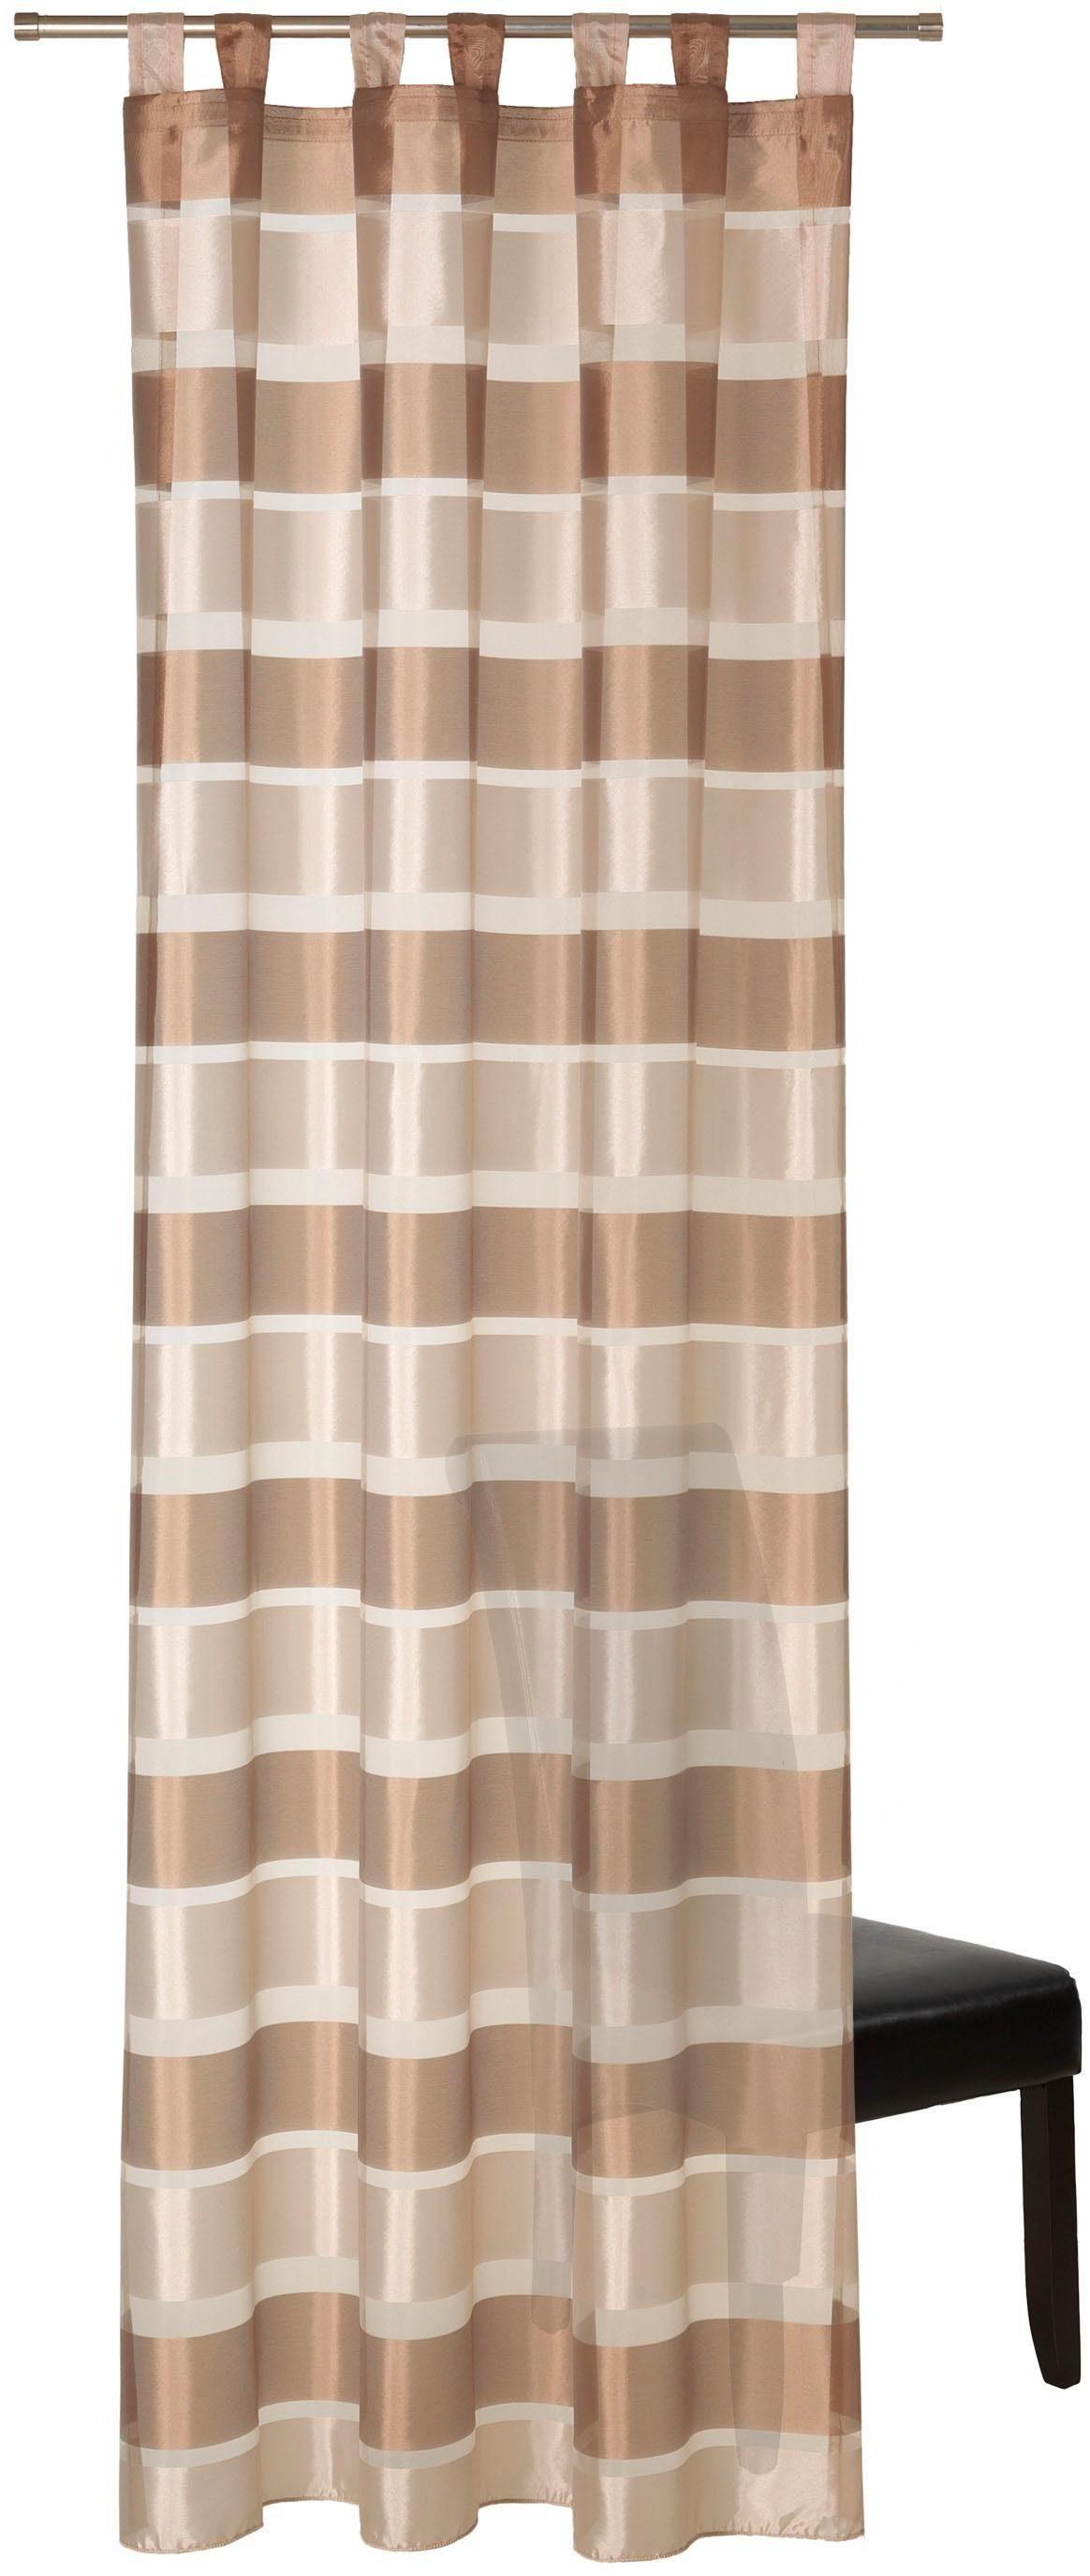 Vorhang »deko trends«, DEKO TRENDS, Schlaufen (1 Stück)